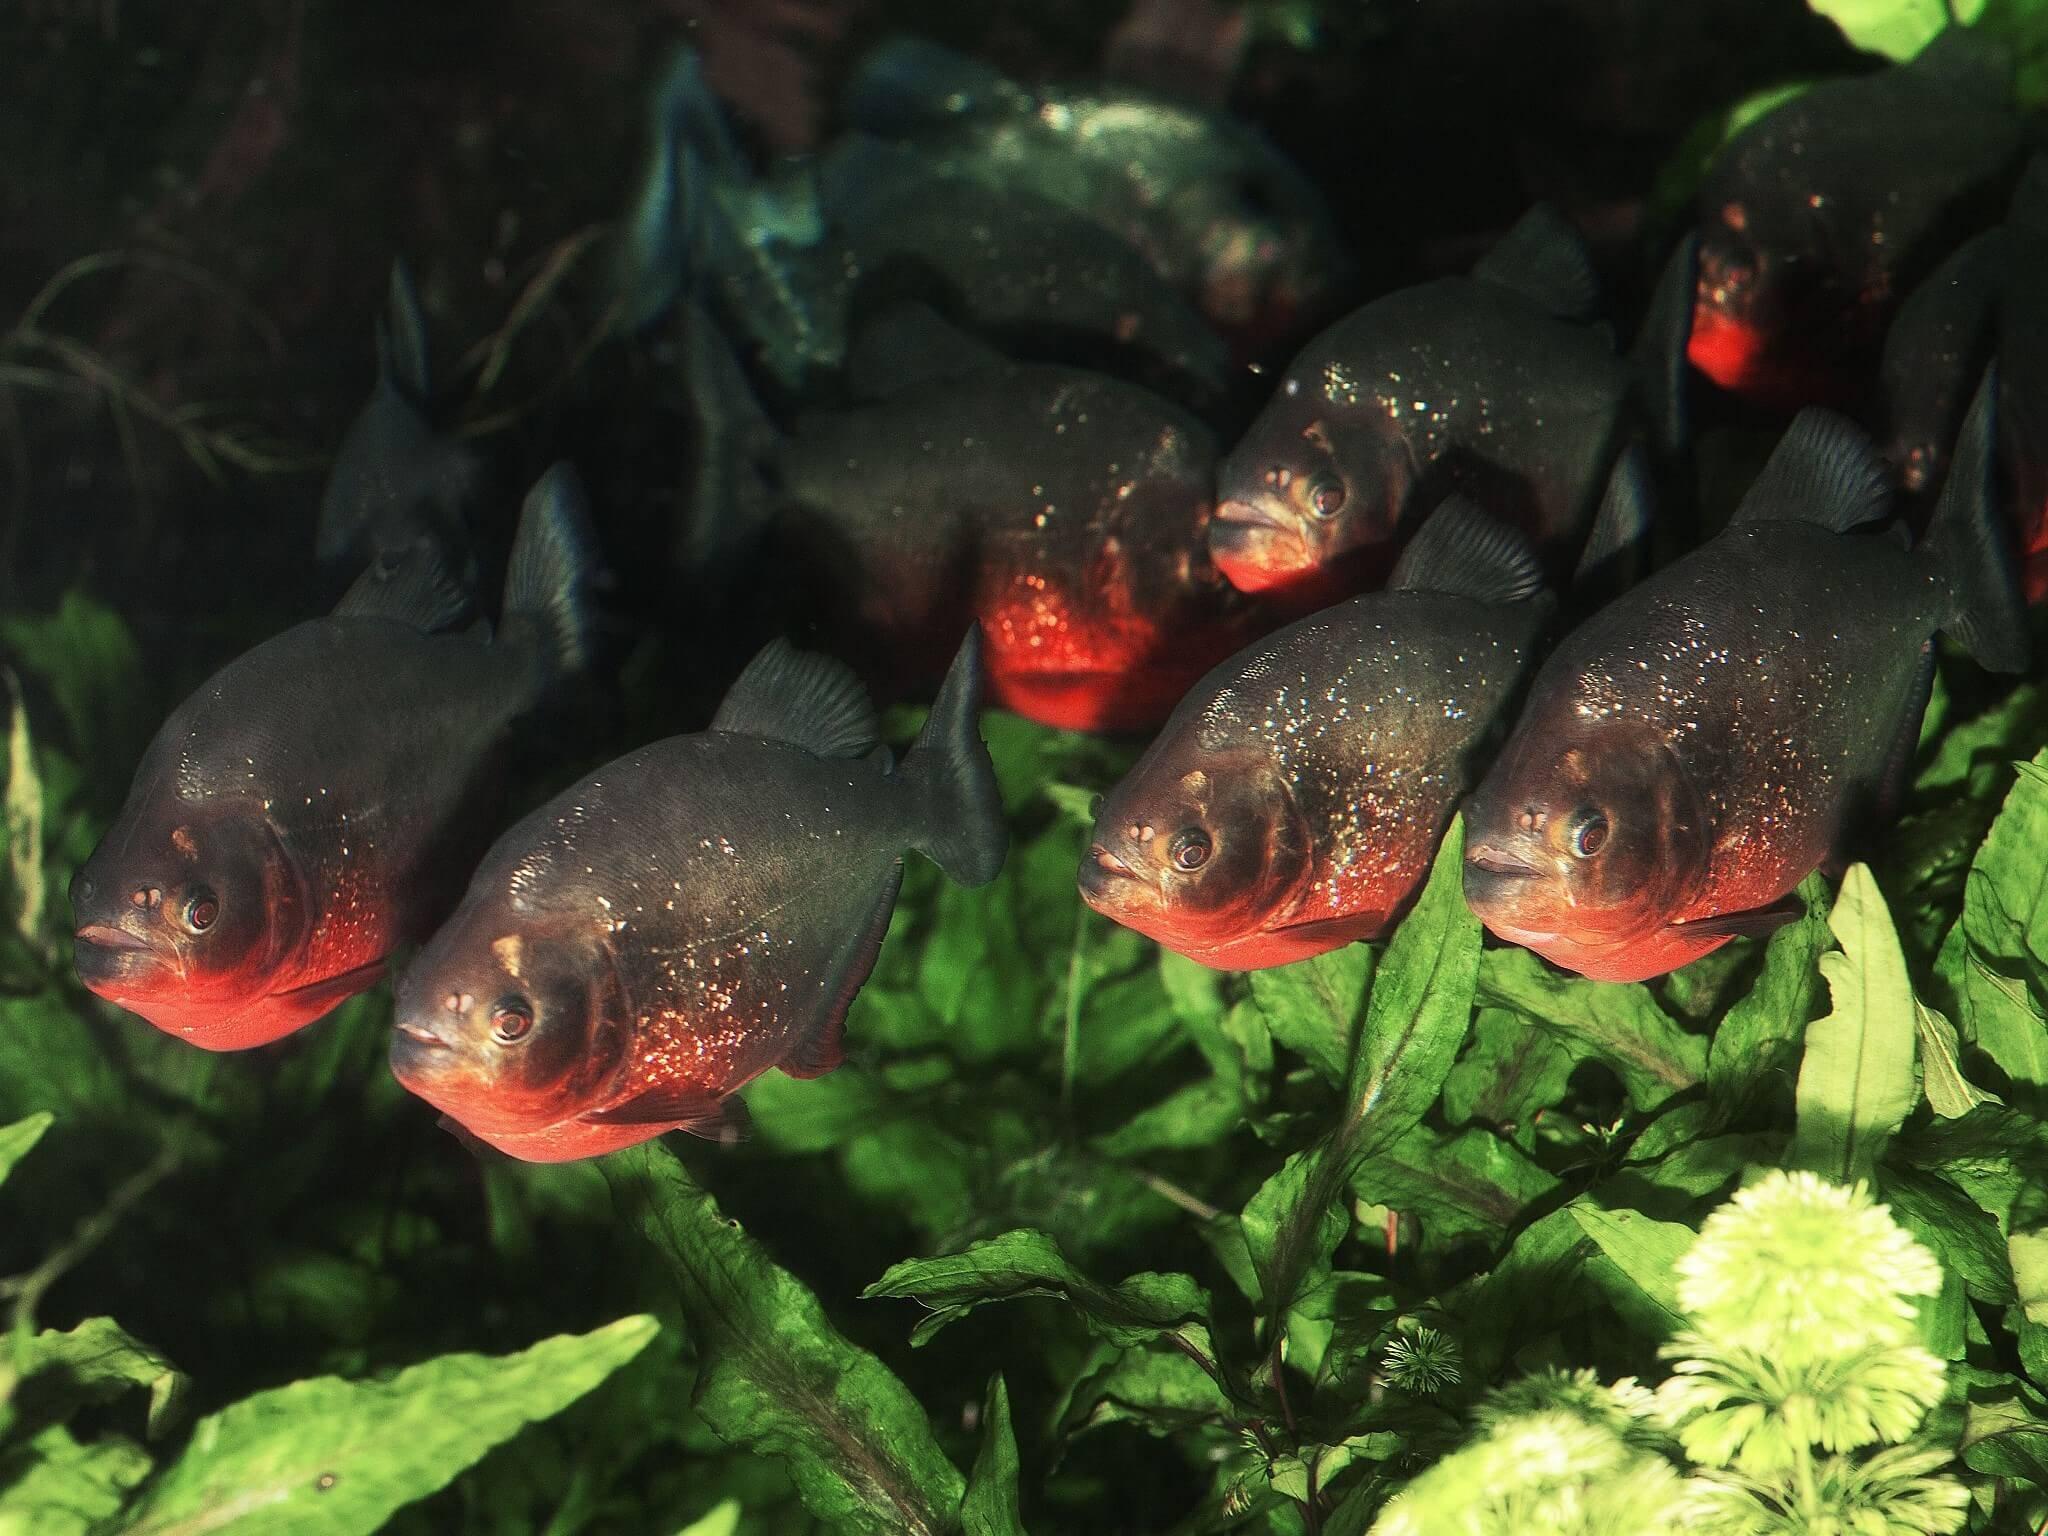 Piranha images